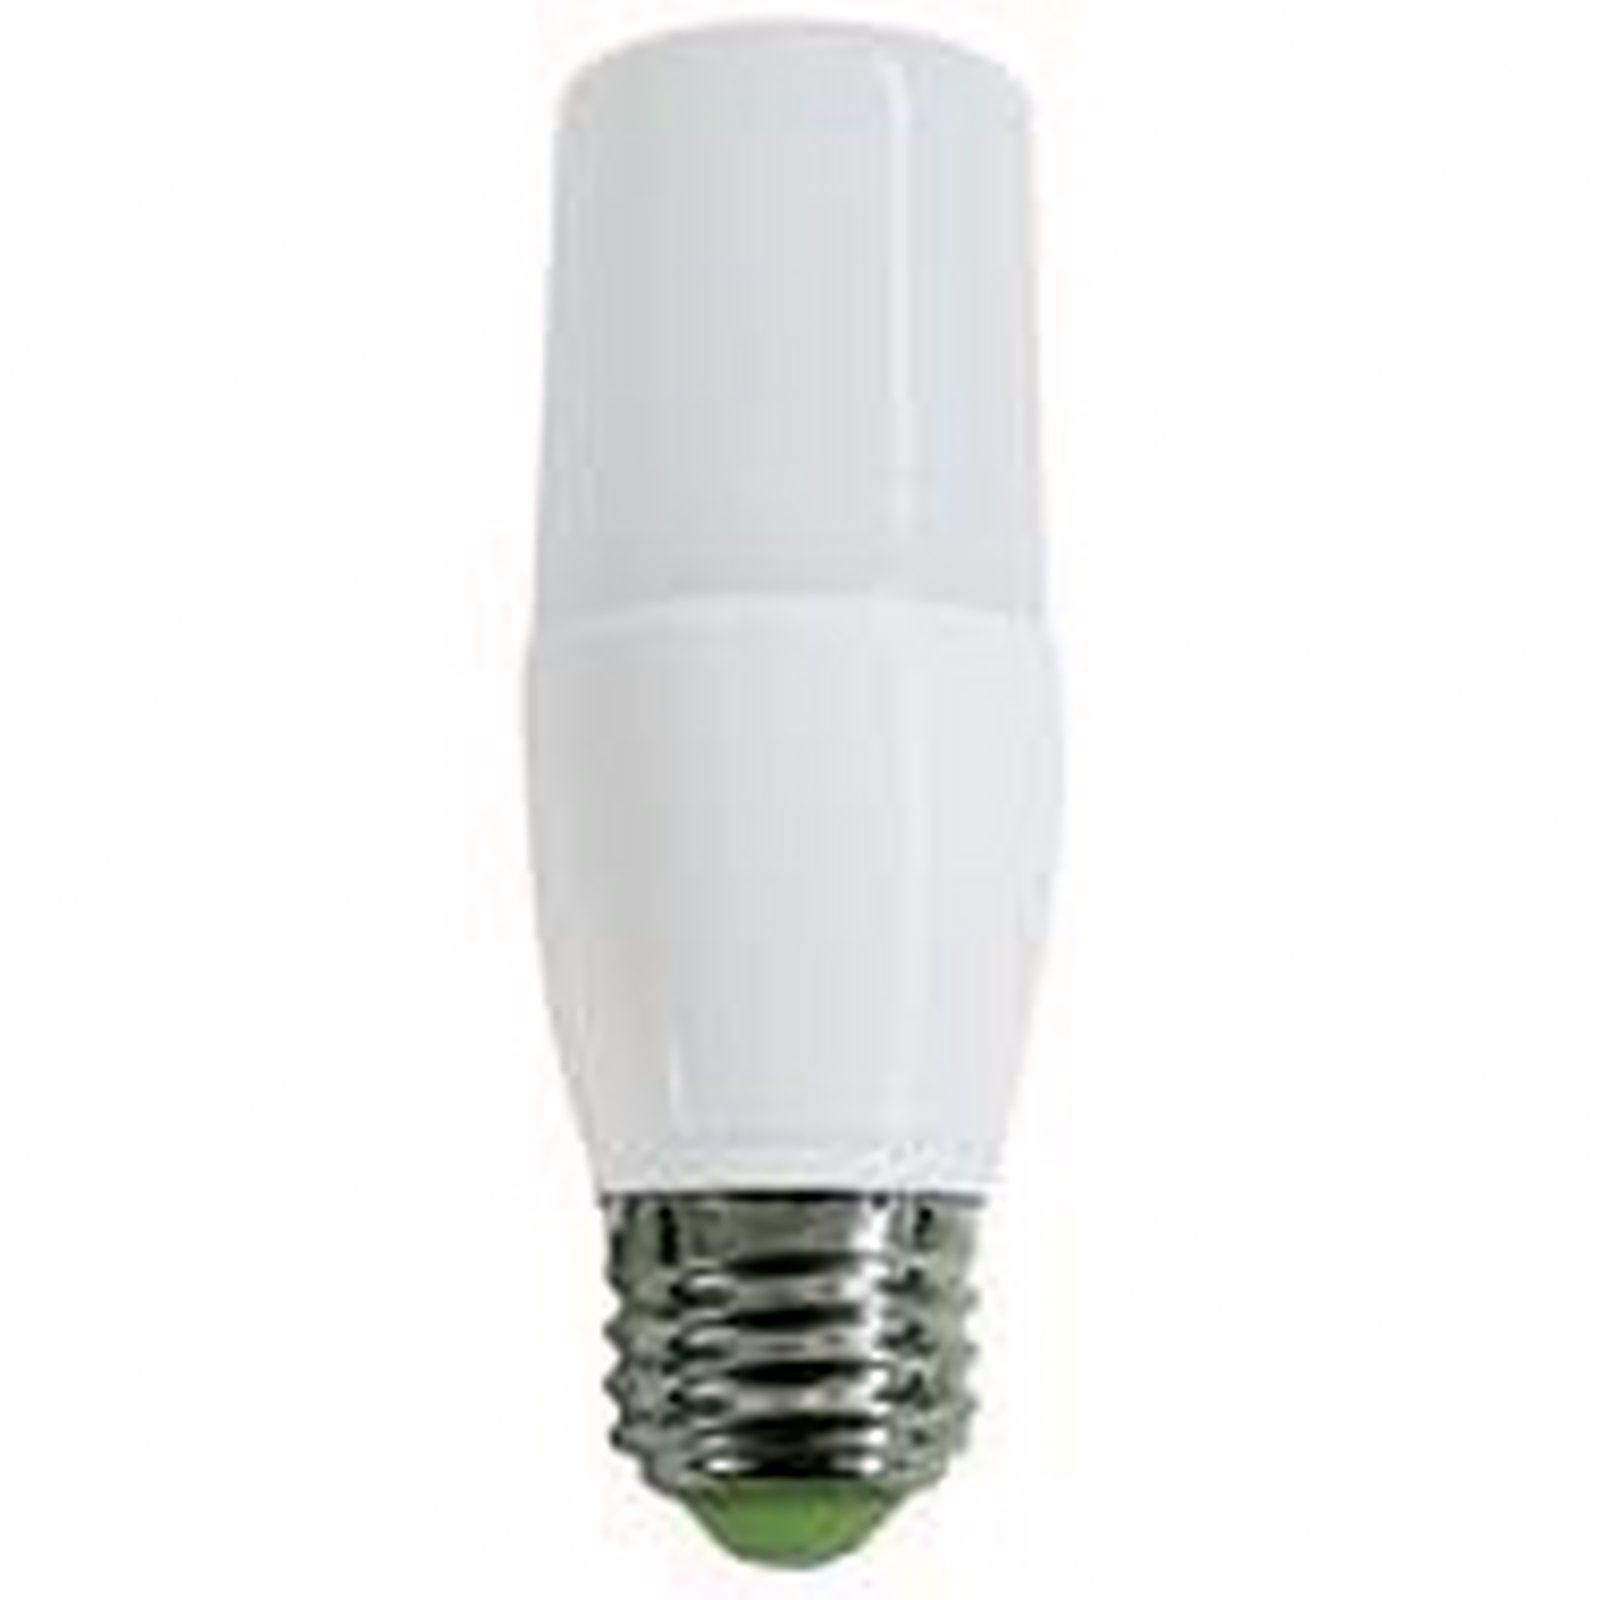 Lampadina lampada led tubolare e27 10w 6500k lm900 life for Lampada tubolare led